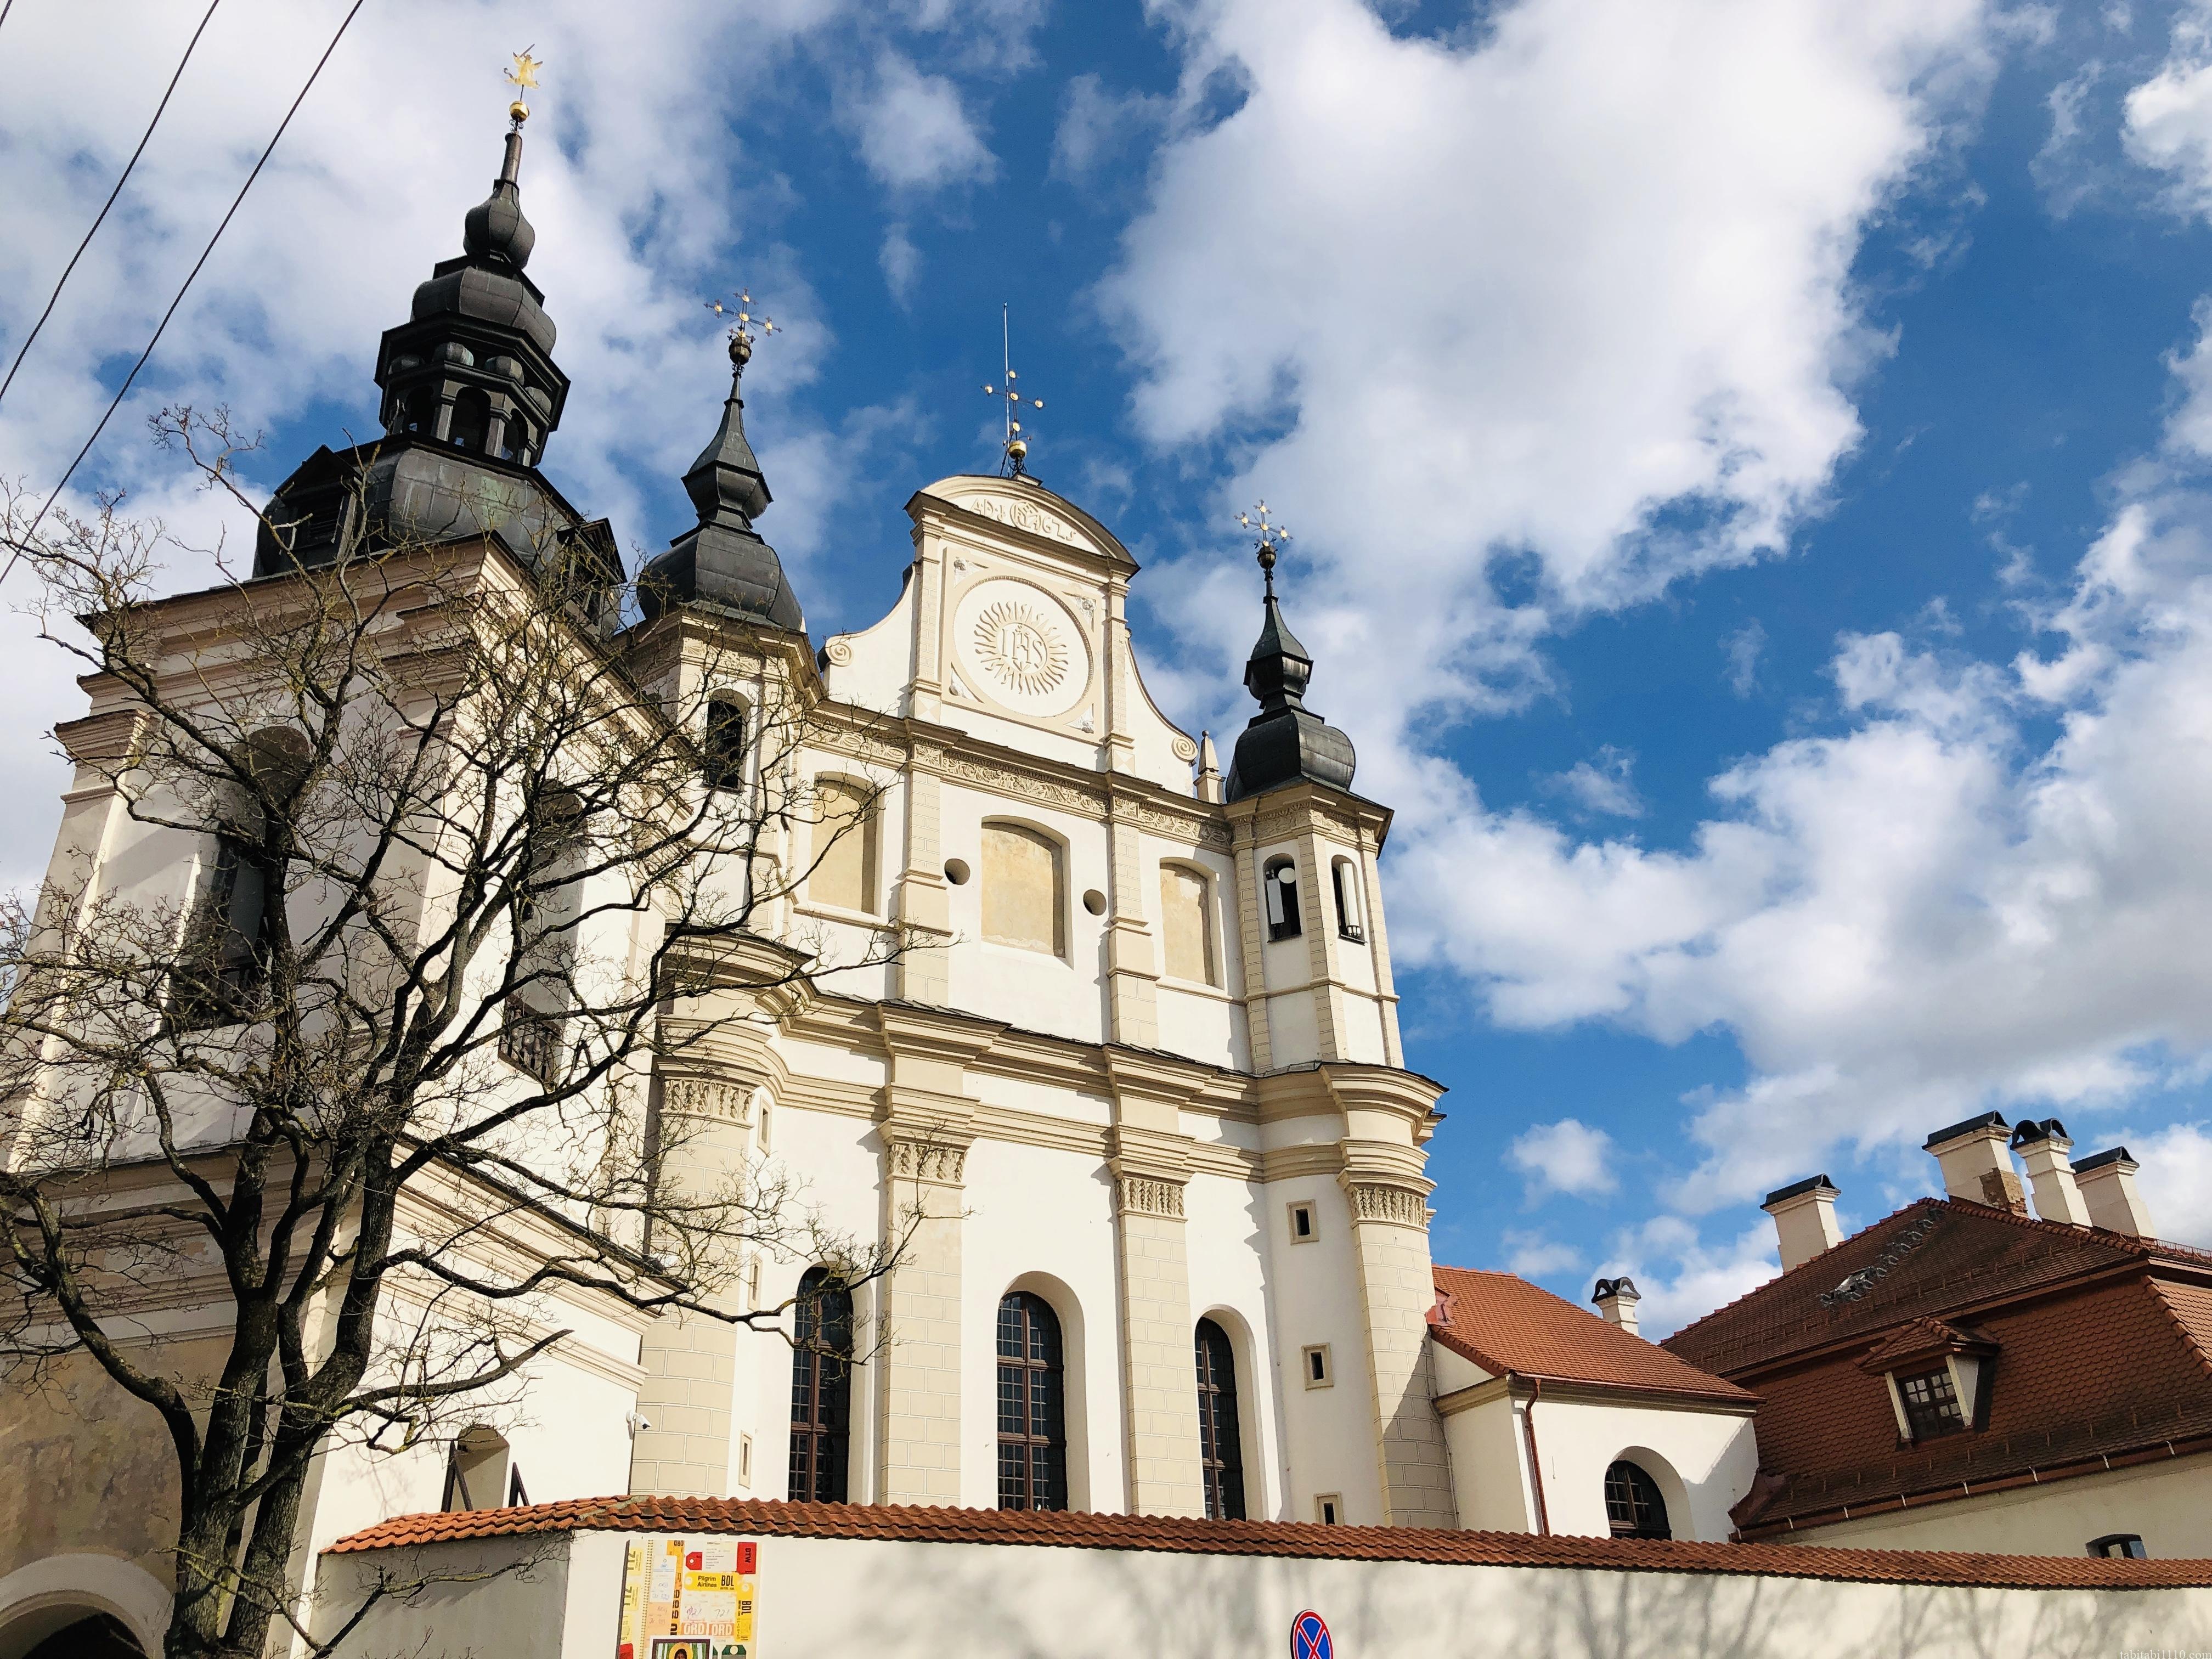 ビリニュスの教会